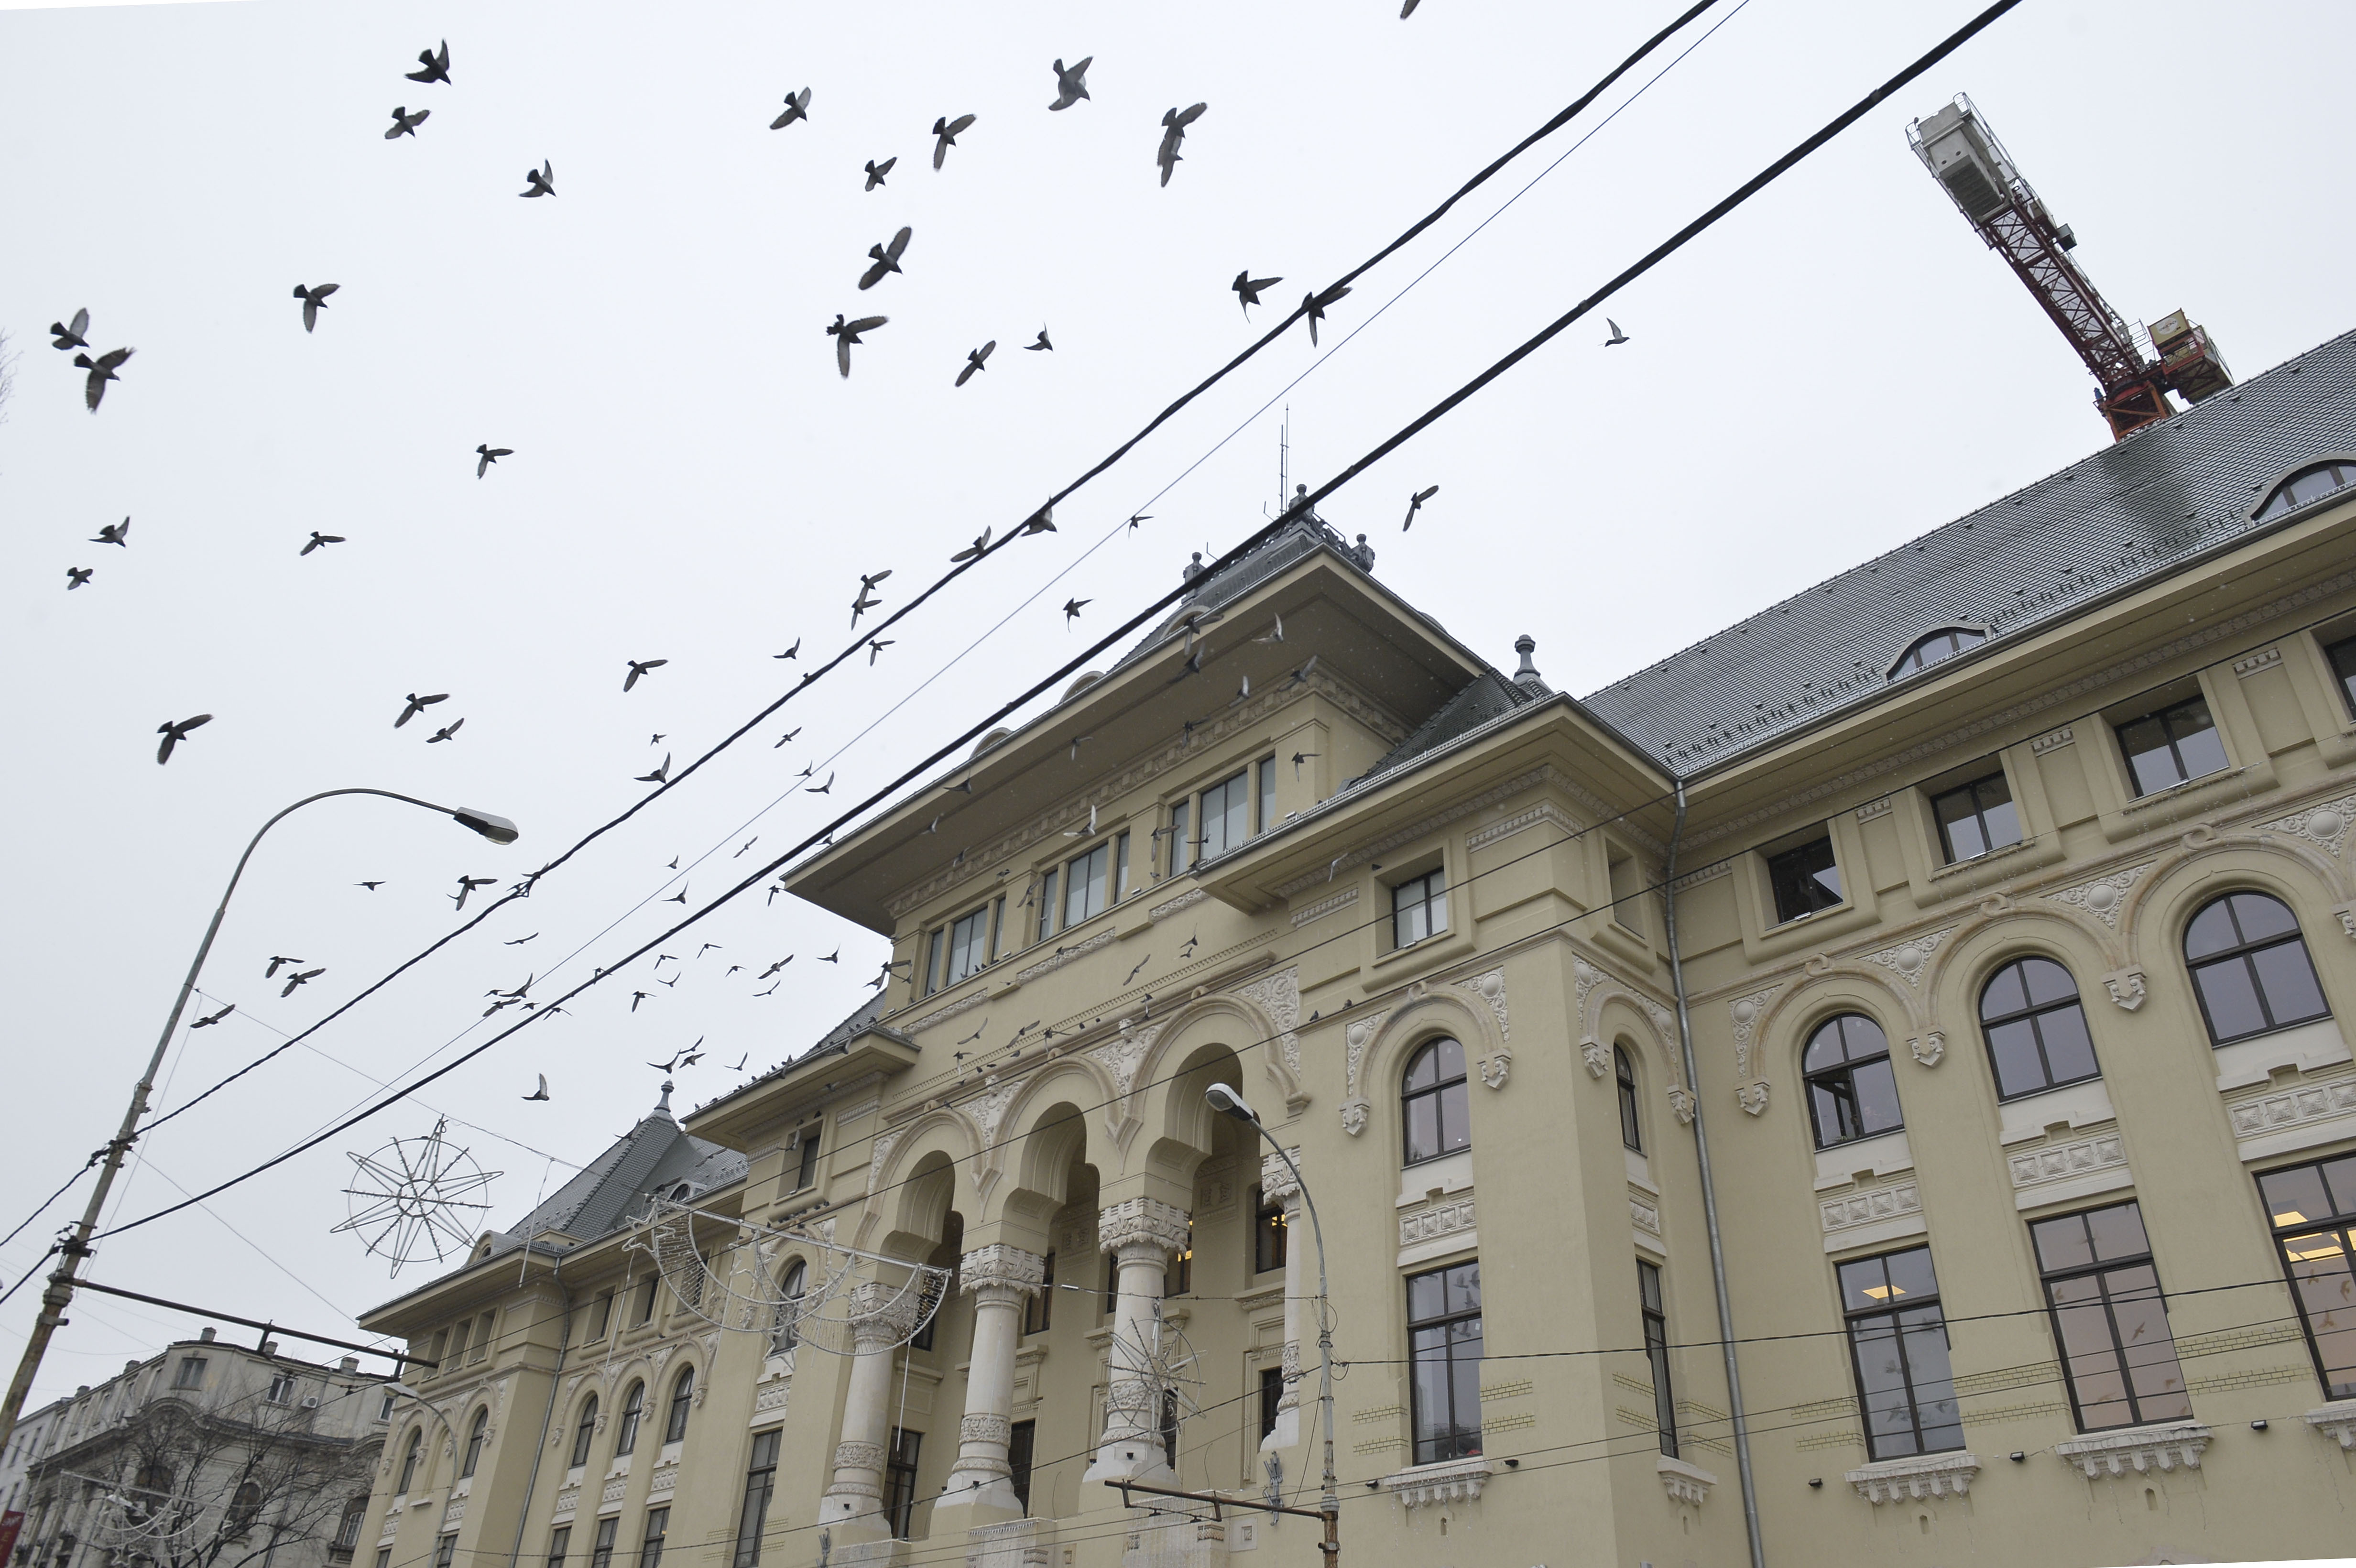 Primăria Capitalei, unde accesul este restricţionat în prezent, ar putea deveni obiectiv turistic